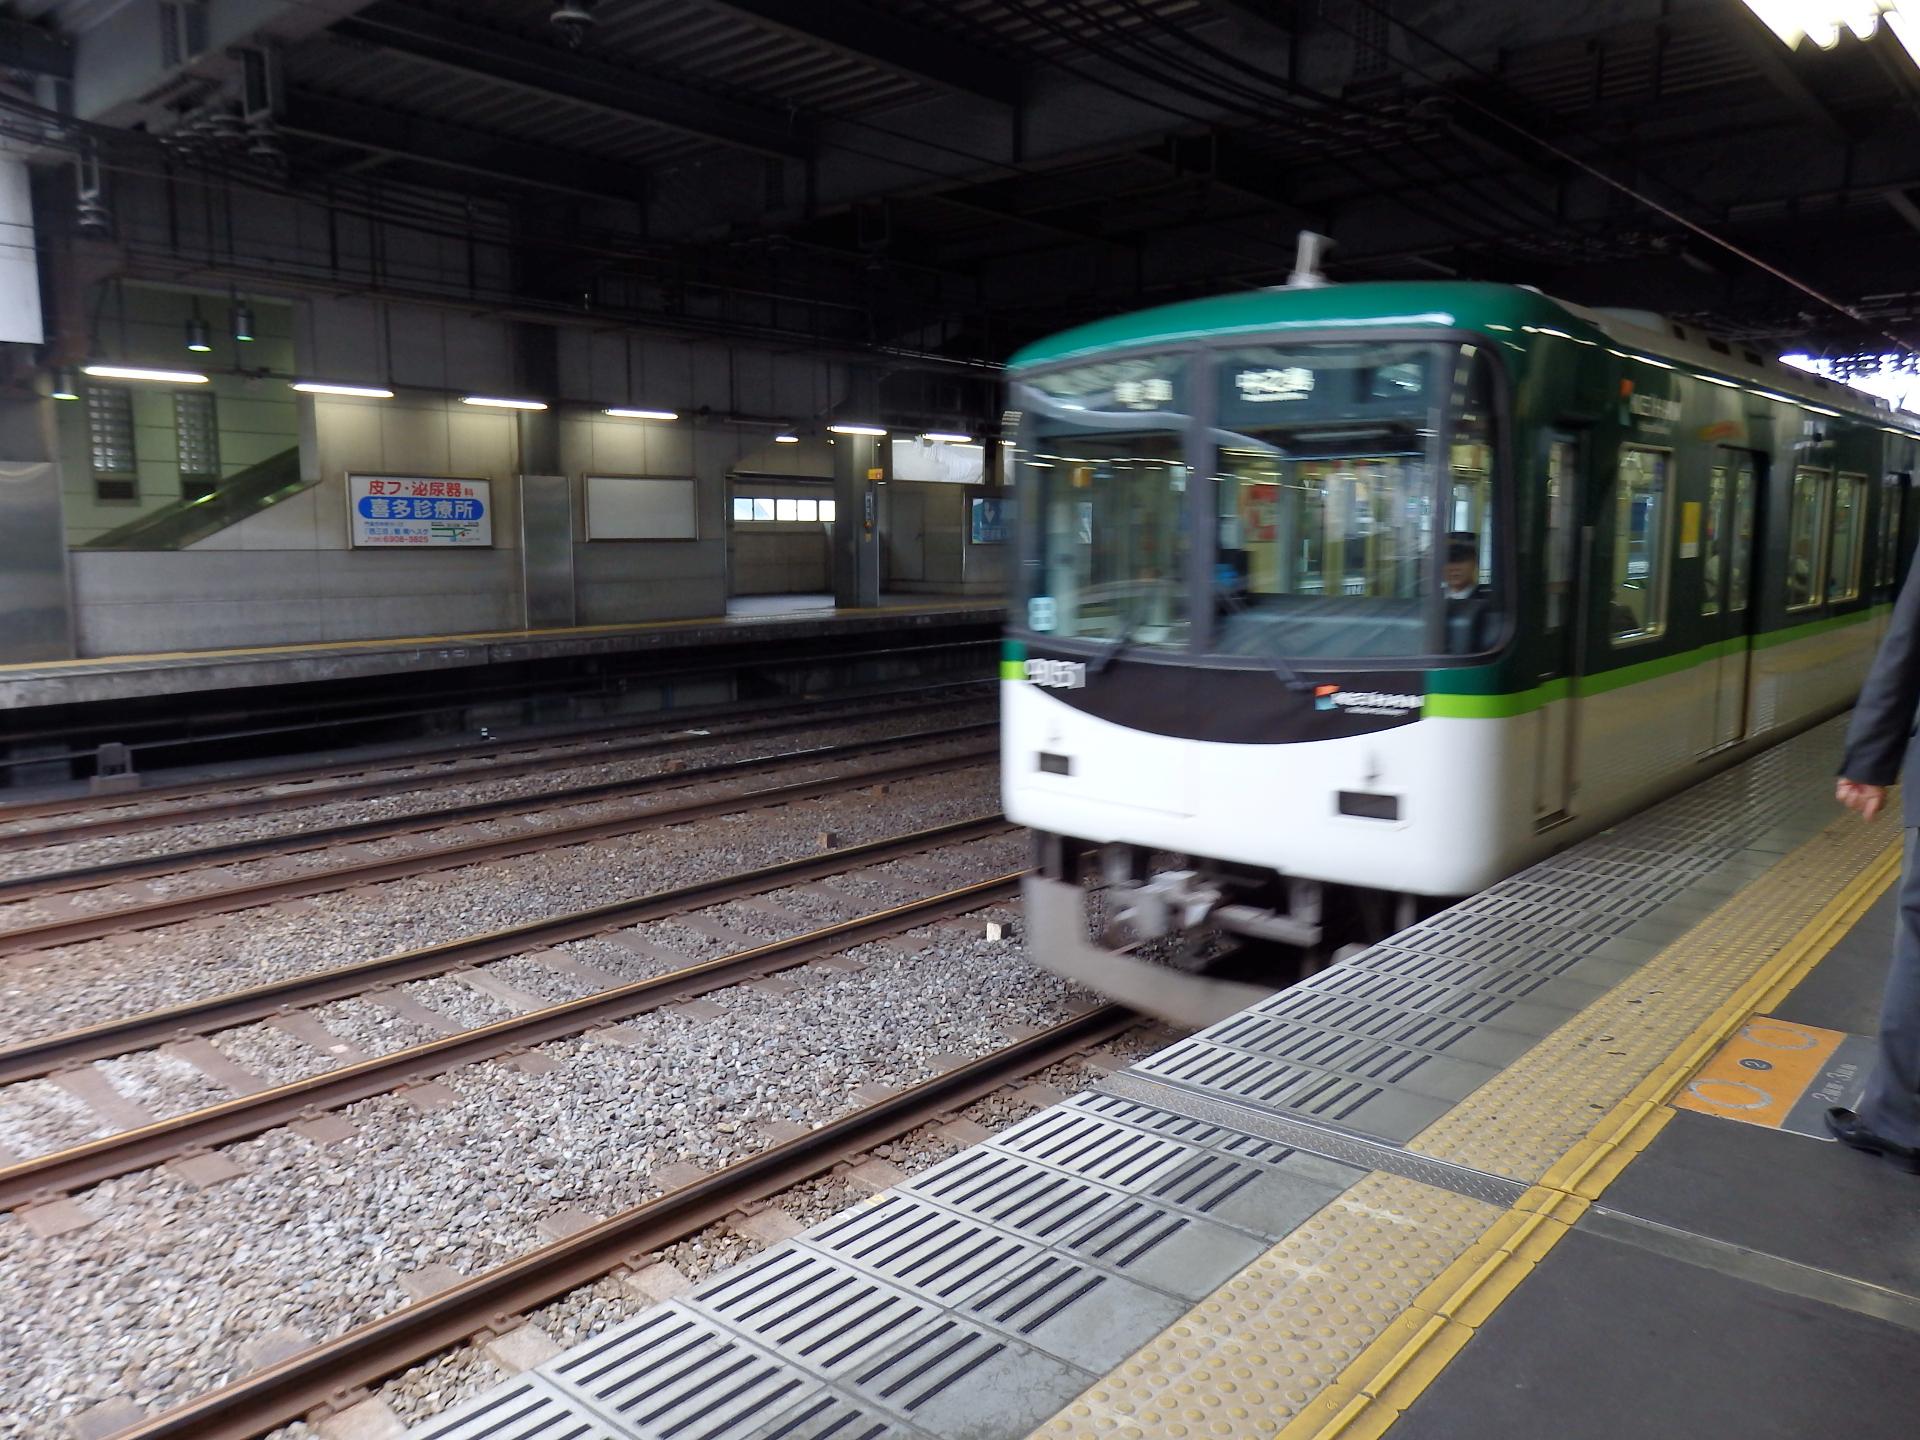 京阪電車です。